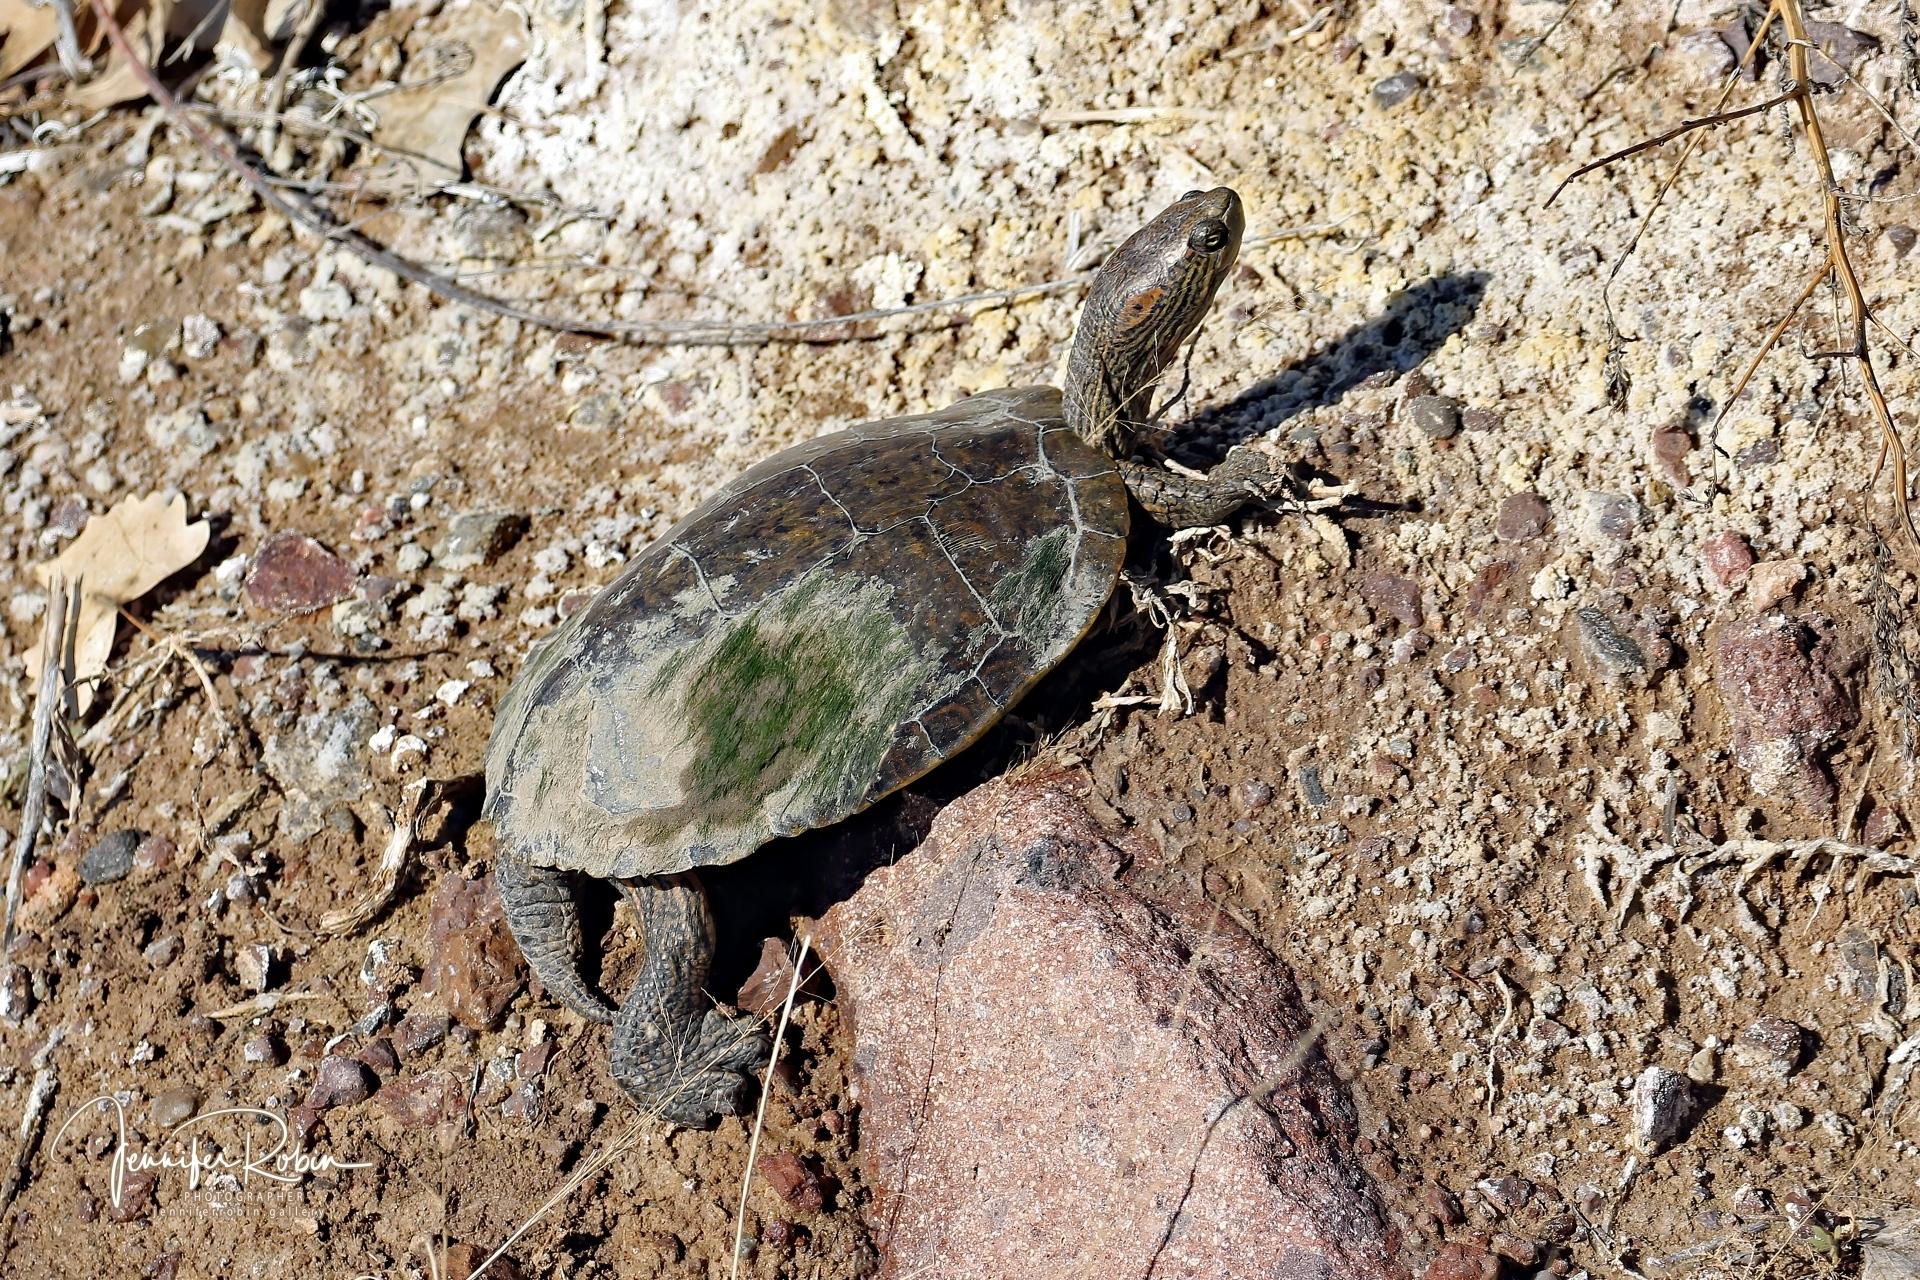 Big Bend Slider turtle at Bosque Del Apache